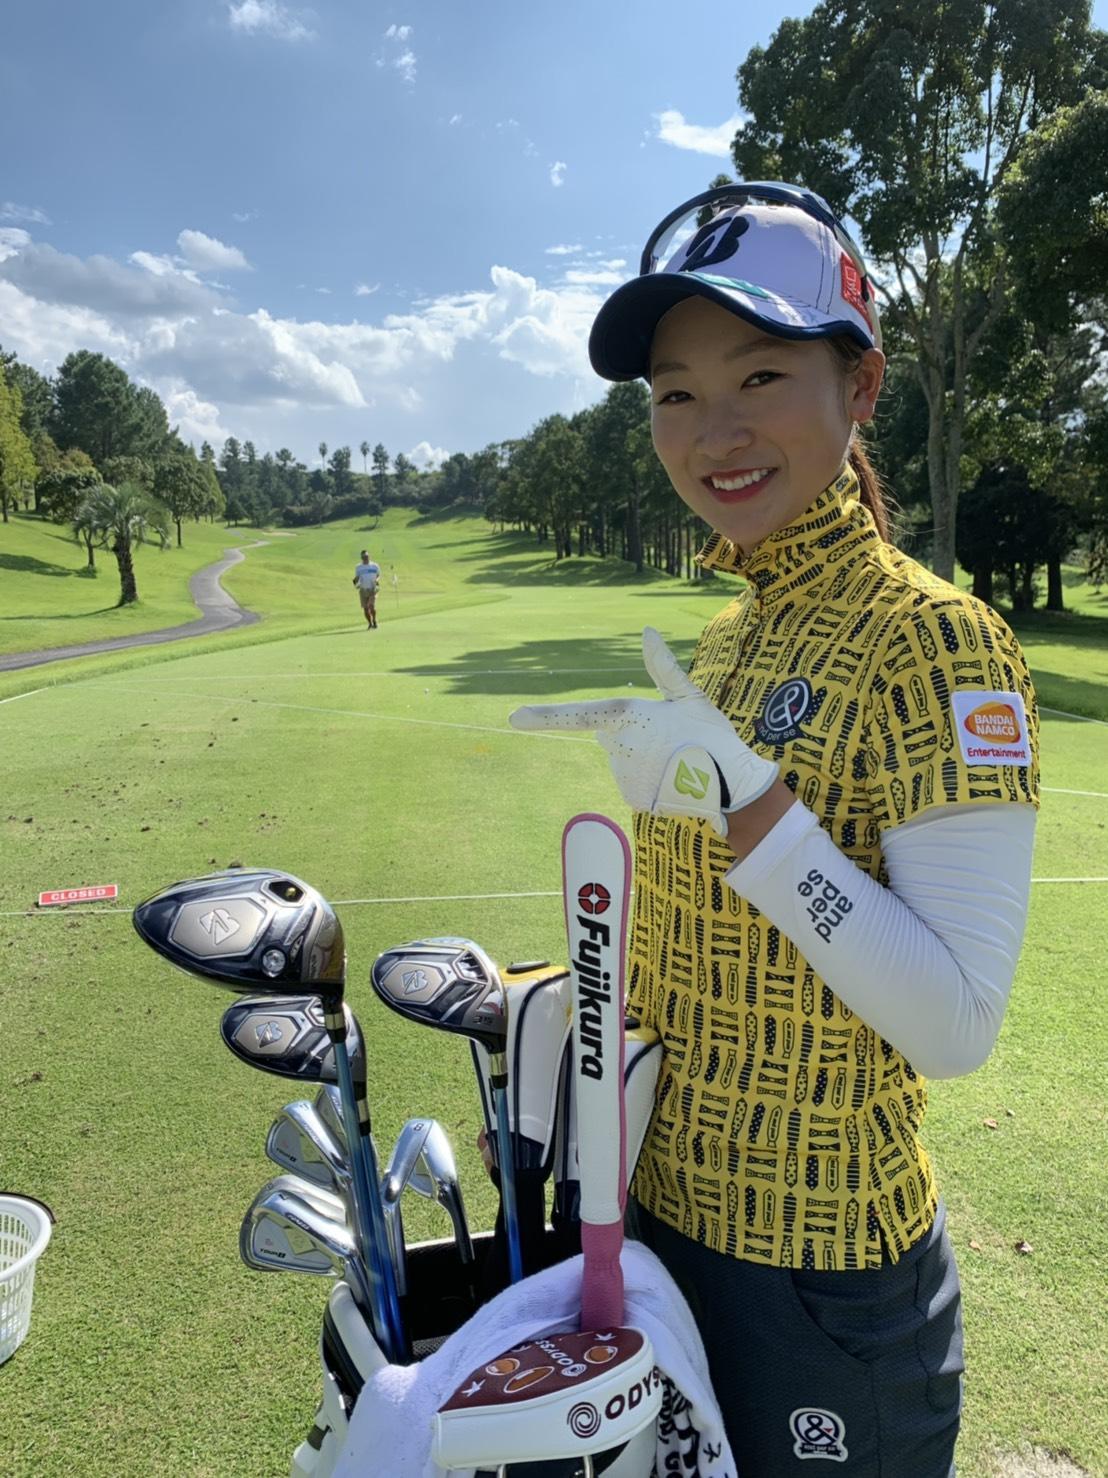 https://www.bs-golf.com/pro/IMG_9065.JPG